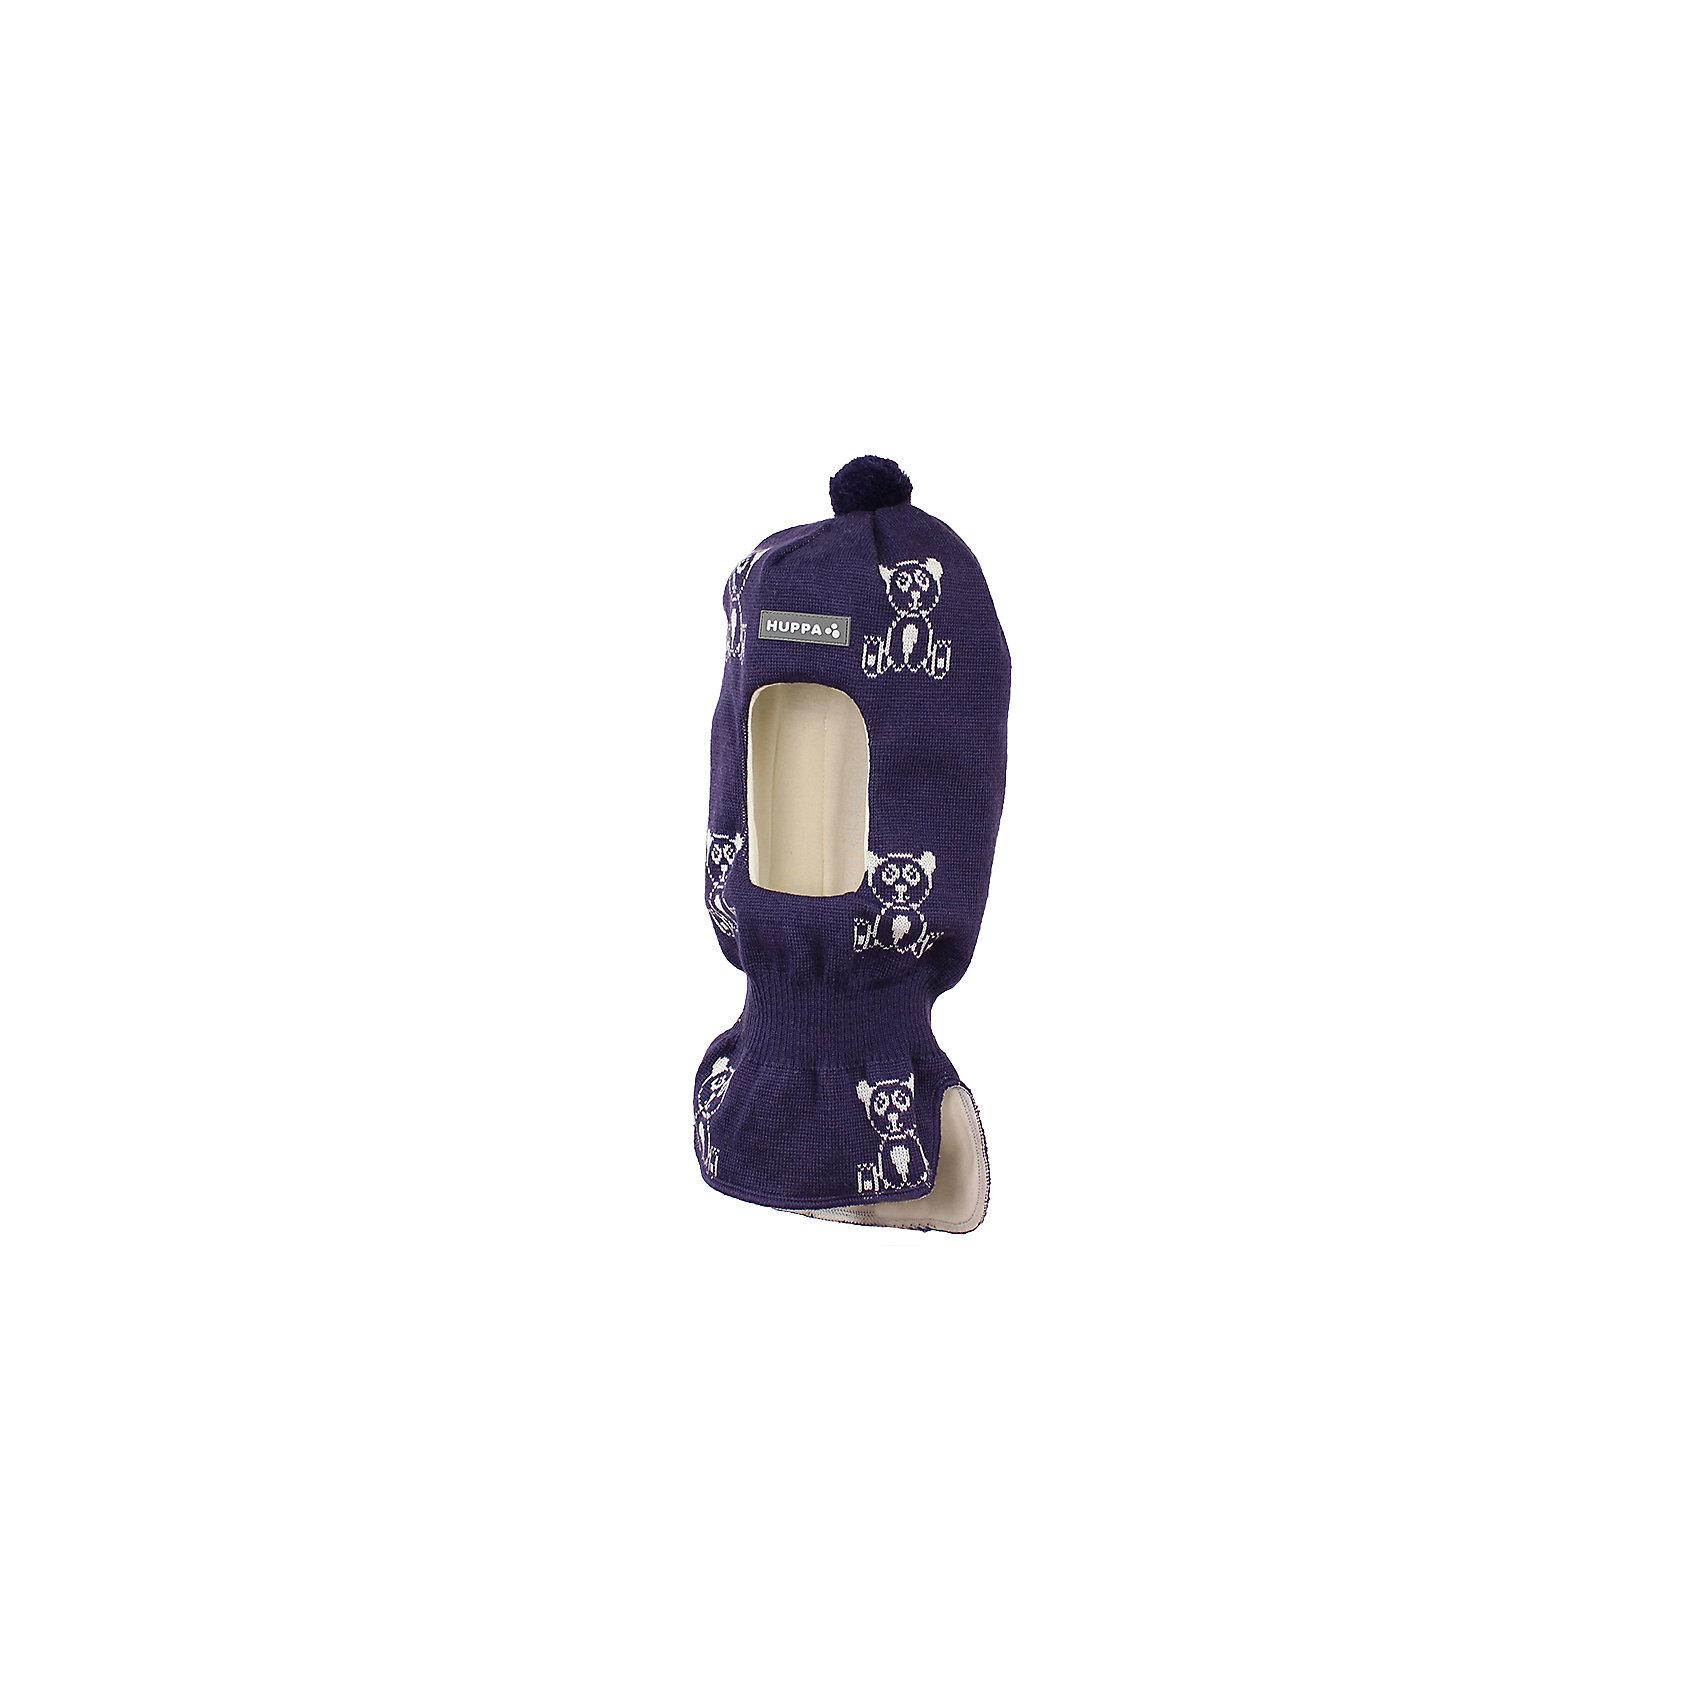 Шапка-шлем Huppa KeldaГоловные уборы<br>Характеристики товара:<br><br>• модель: Kelda;<br>• цвет: фиолетовый;<br>• состав: 50% шерсть, 50% полиакрил;<br>• подкладка: 100% хлопок;<br>• сезон: зима;<br>• температурный режим: от +5 до - 30С;<br>• шапка с помпоном сверху;<br>• особенности: вязаная, шерстяная;<br>• страна бренда: Финляндия;<br>• страна изготовитель: Эстония.<br><br>Шапка-шлем Хуппа с помпоном. Подкладка выполнена из хлопкового трикотажа, наружная ткань - это 50% мериносовой шерсти и 50% акриловой пряжи. Шапка-шлем идеальна для ношения в зимние холода, потому что защищает шею и уши ребенка от холодного ветра.<br><br>Шапку-шлем Huppa Kelda (Хуппа) можно купить в нашем интернет-магазине.<br><br>Ширина мм: 89<br>Глубина мм: 117<br>Высота мм: 44<br>Вес г: 155<br>Цвет: лиловый<br>Возраст от месяцев: 3<br>Возраст до месяцев: 12<br>Пол: Унисекс<br>Возраст: Детский<br>Размер: 43-45,51-53,47-49<br>SKU: 7029393